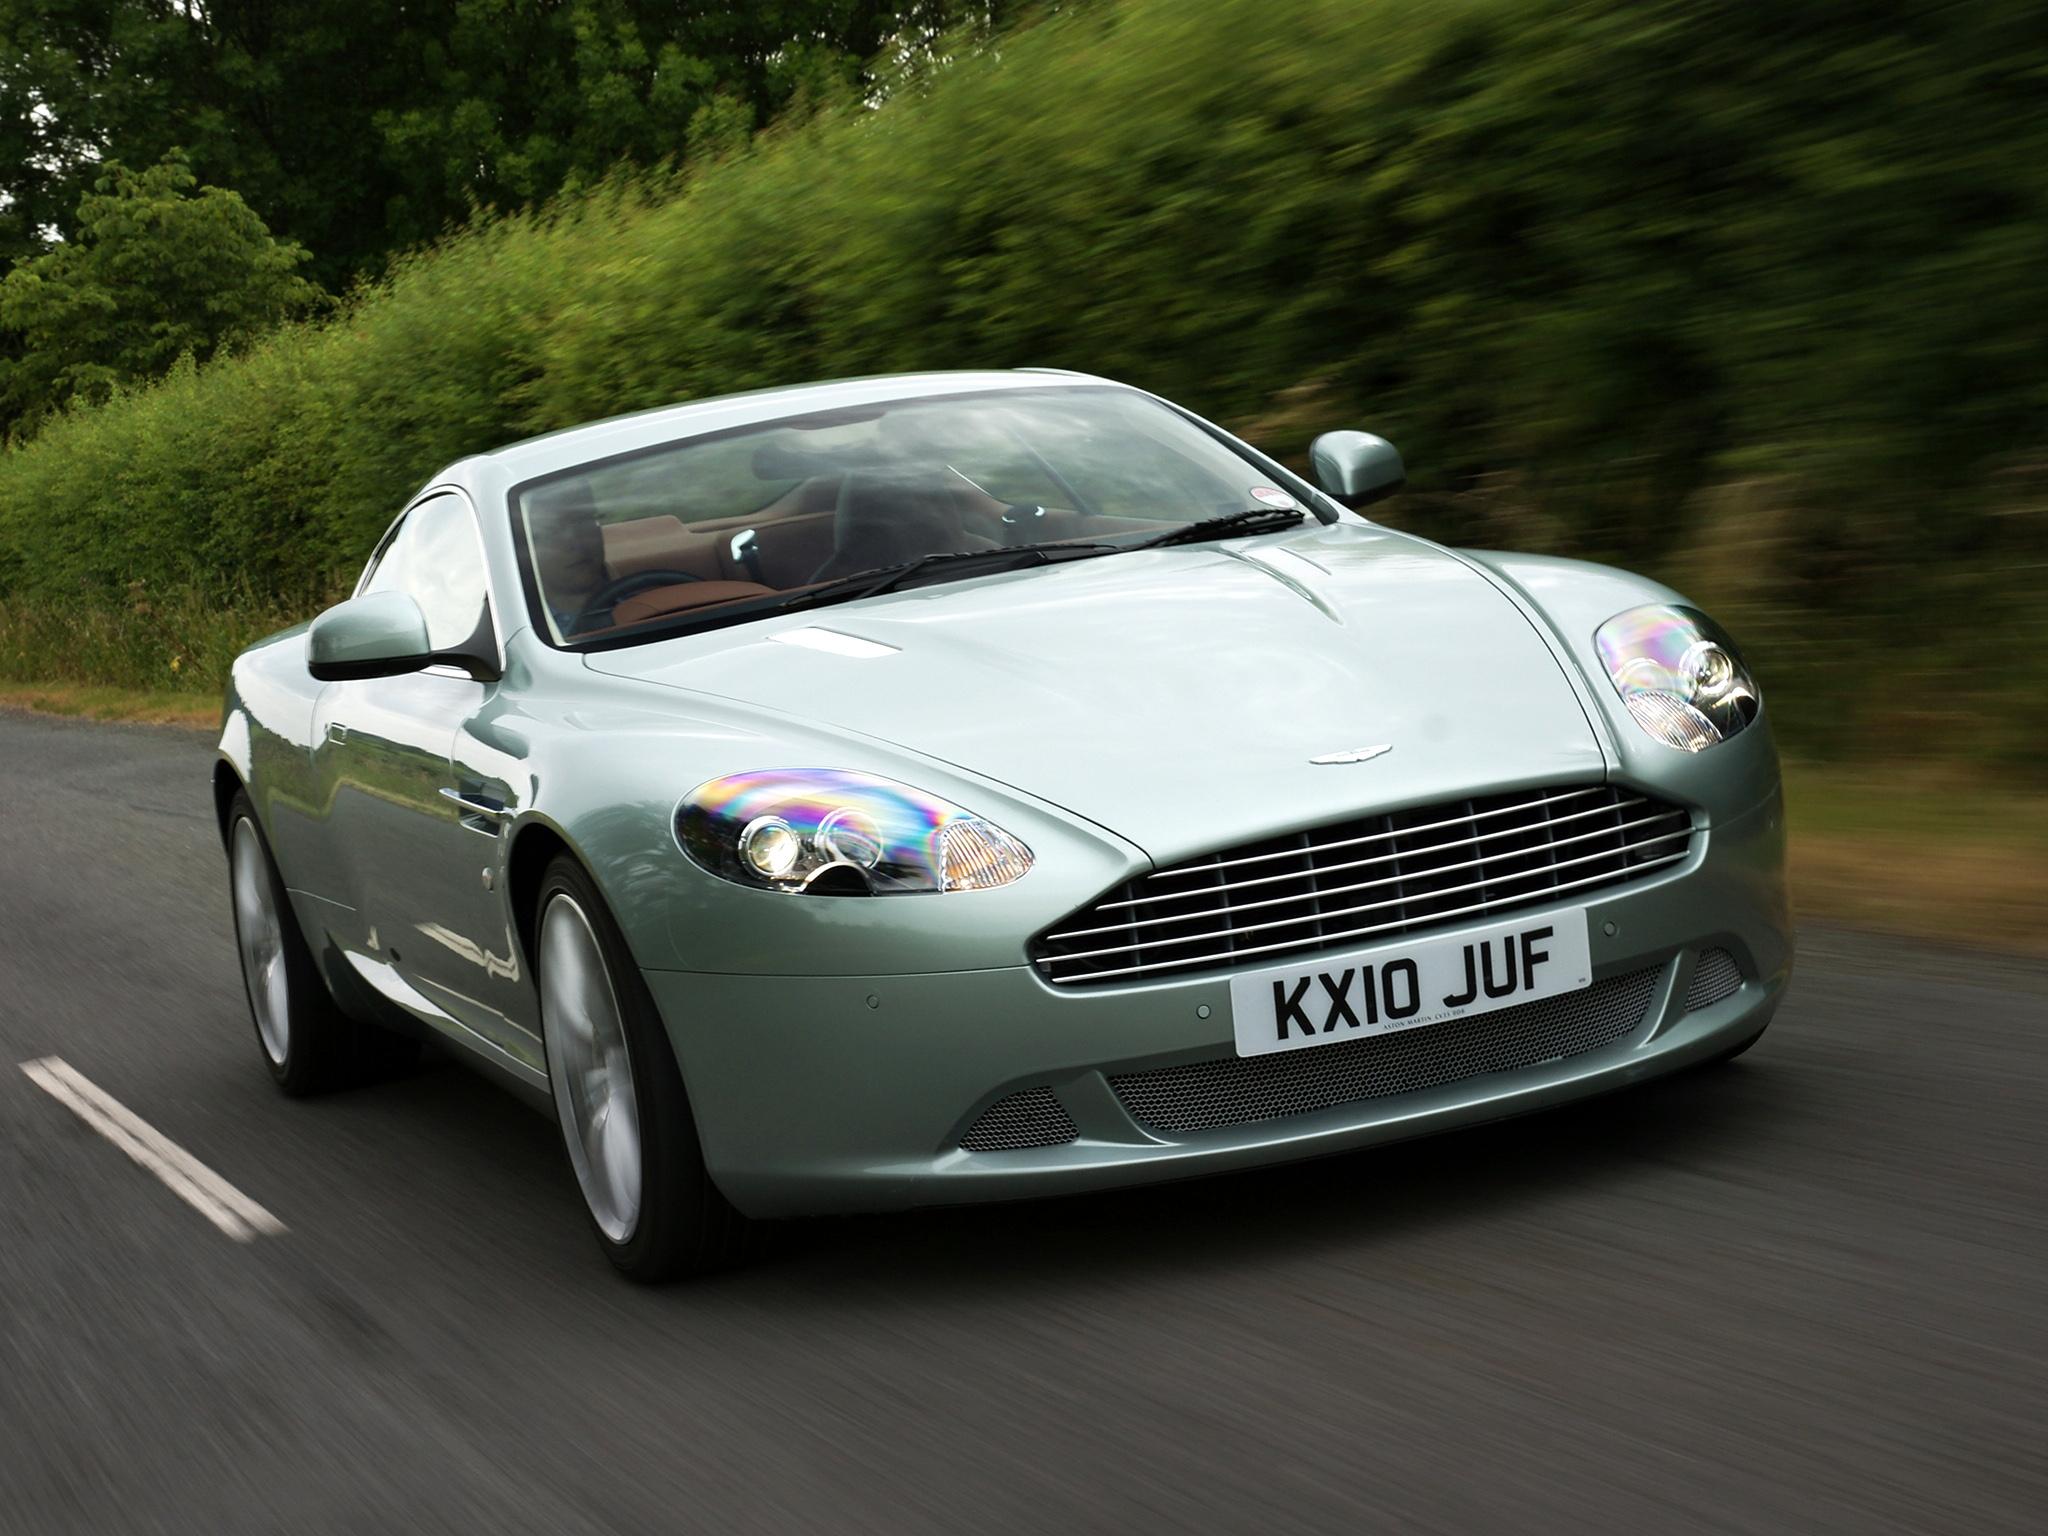 75850 скачать обои Спорт, Машины, Астон Мартин (Aston Martin), Тачки (Cars), Асфальт, Вид Спереди, Скорость, Стиль, Кустарники, Db9, 2010, Зеленый Металлик - заставки и картинки бесплатно